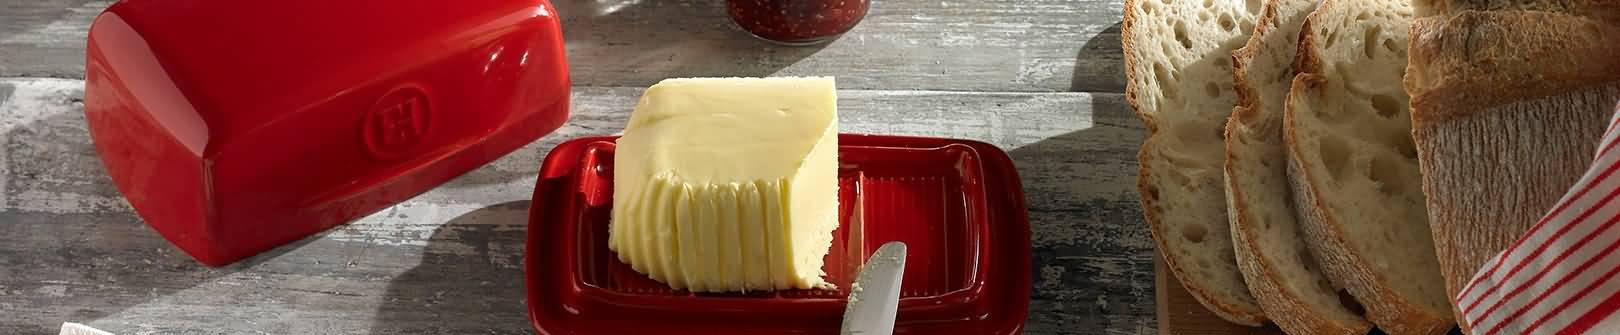 バター料理